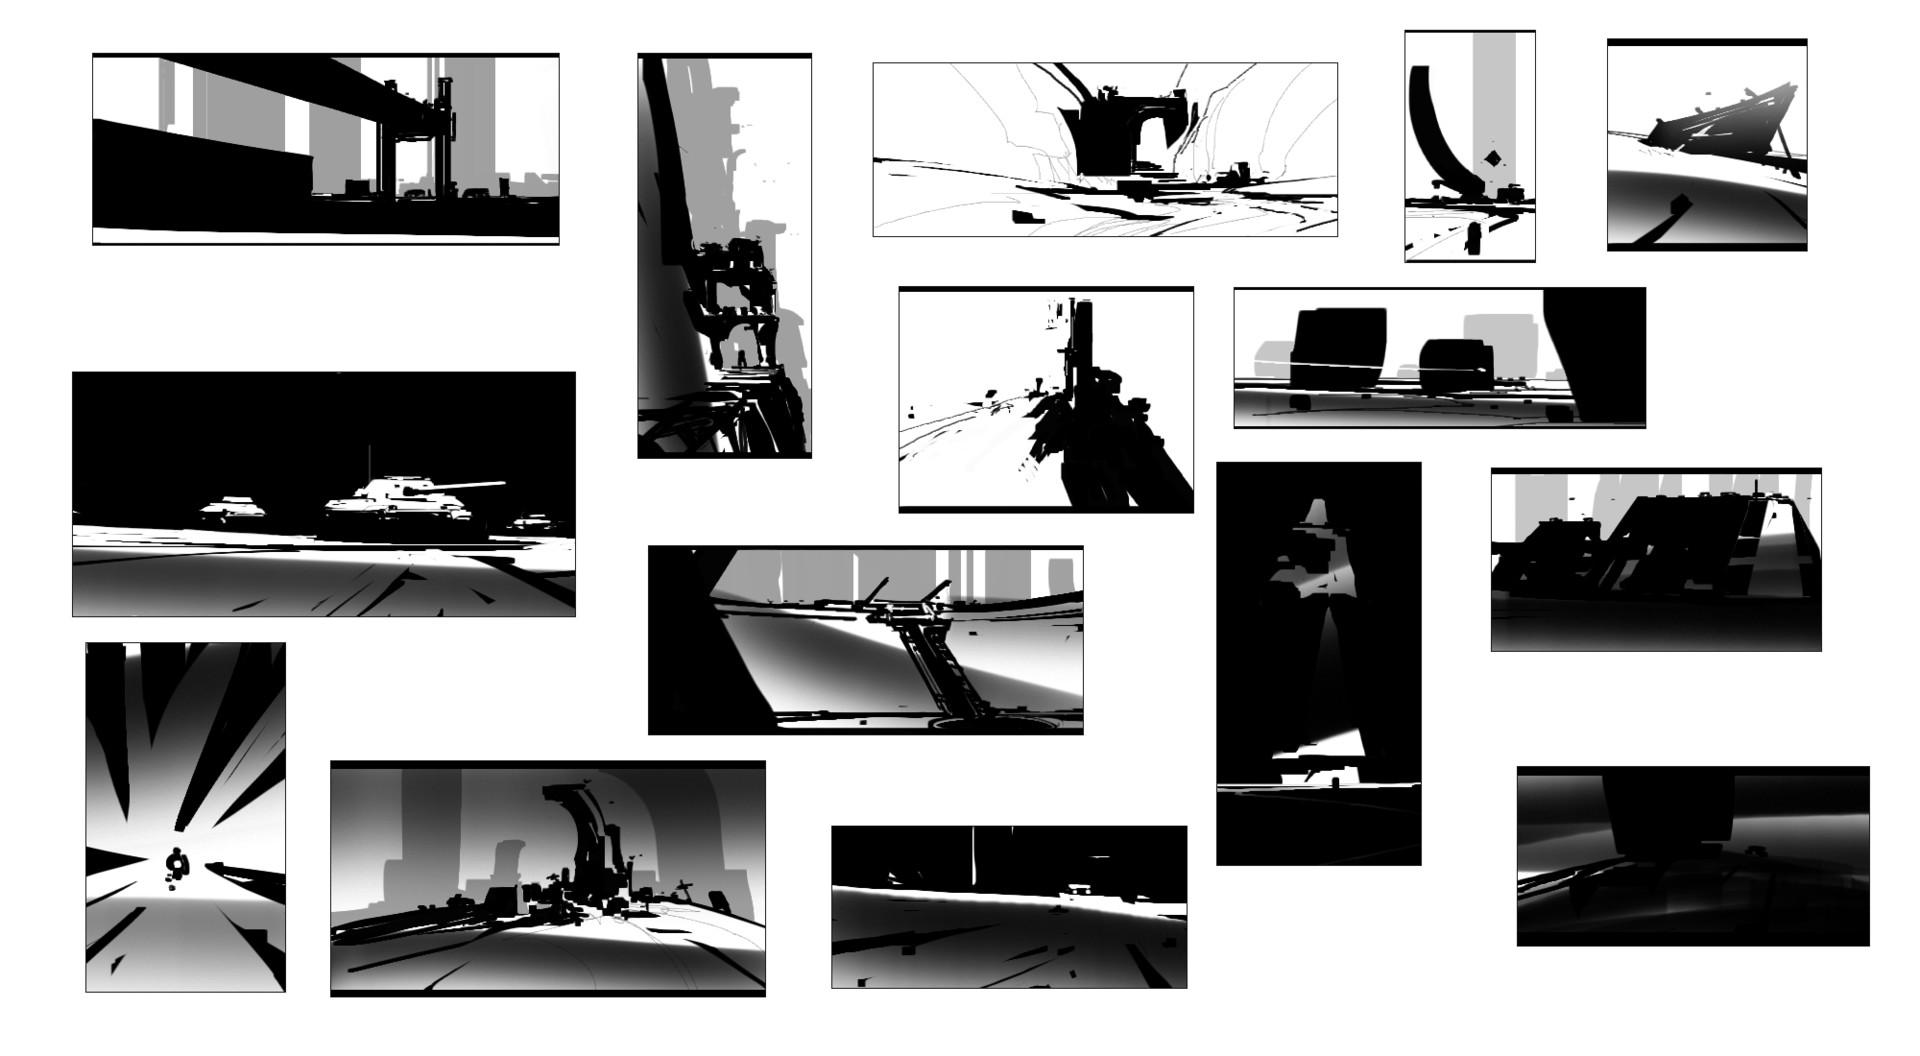 Sathish kumar composition sketch july22